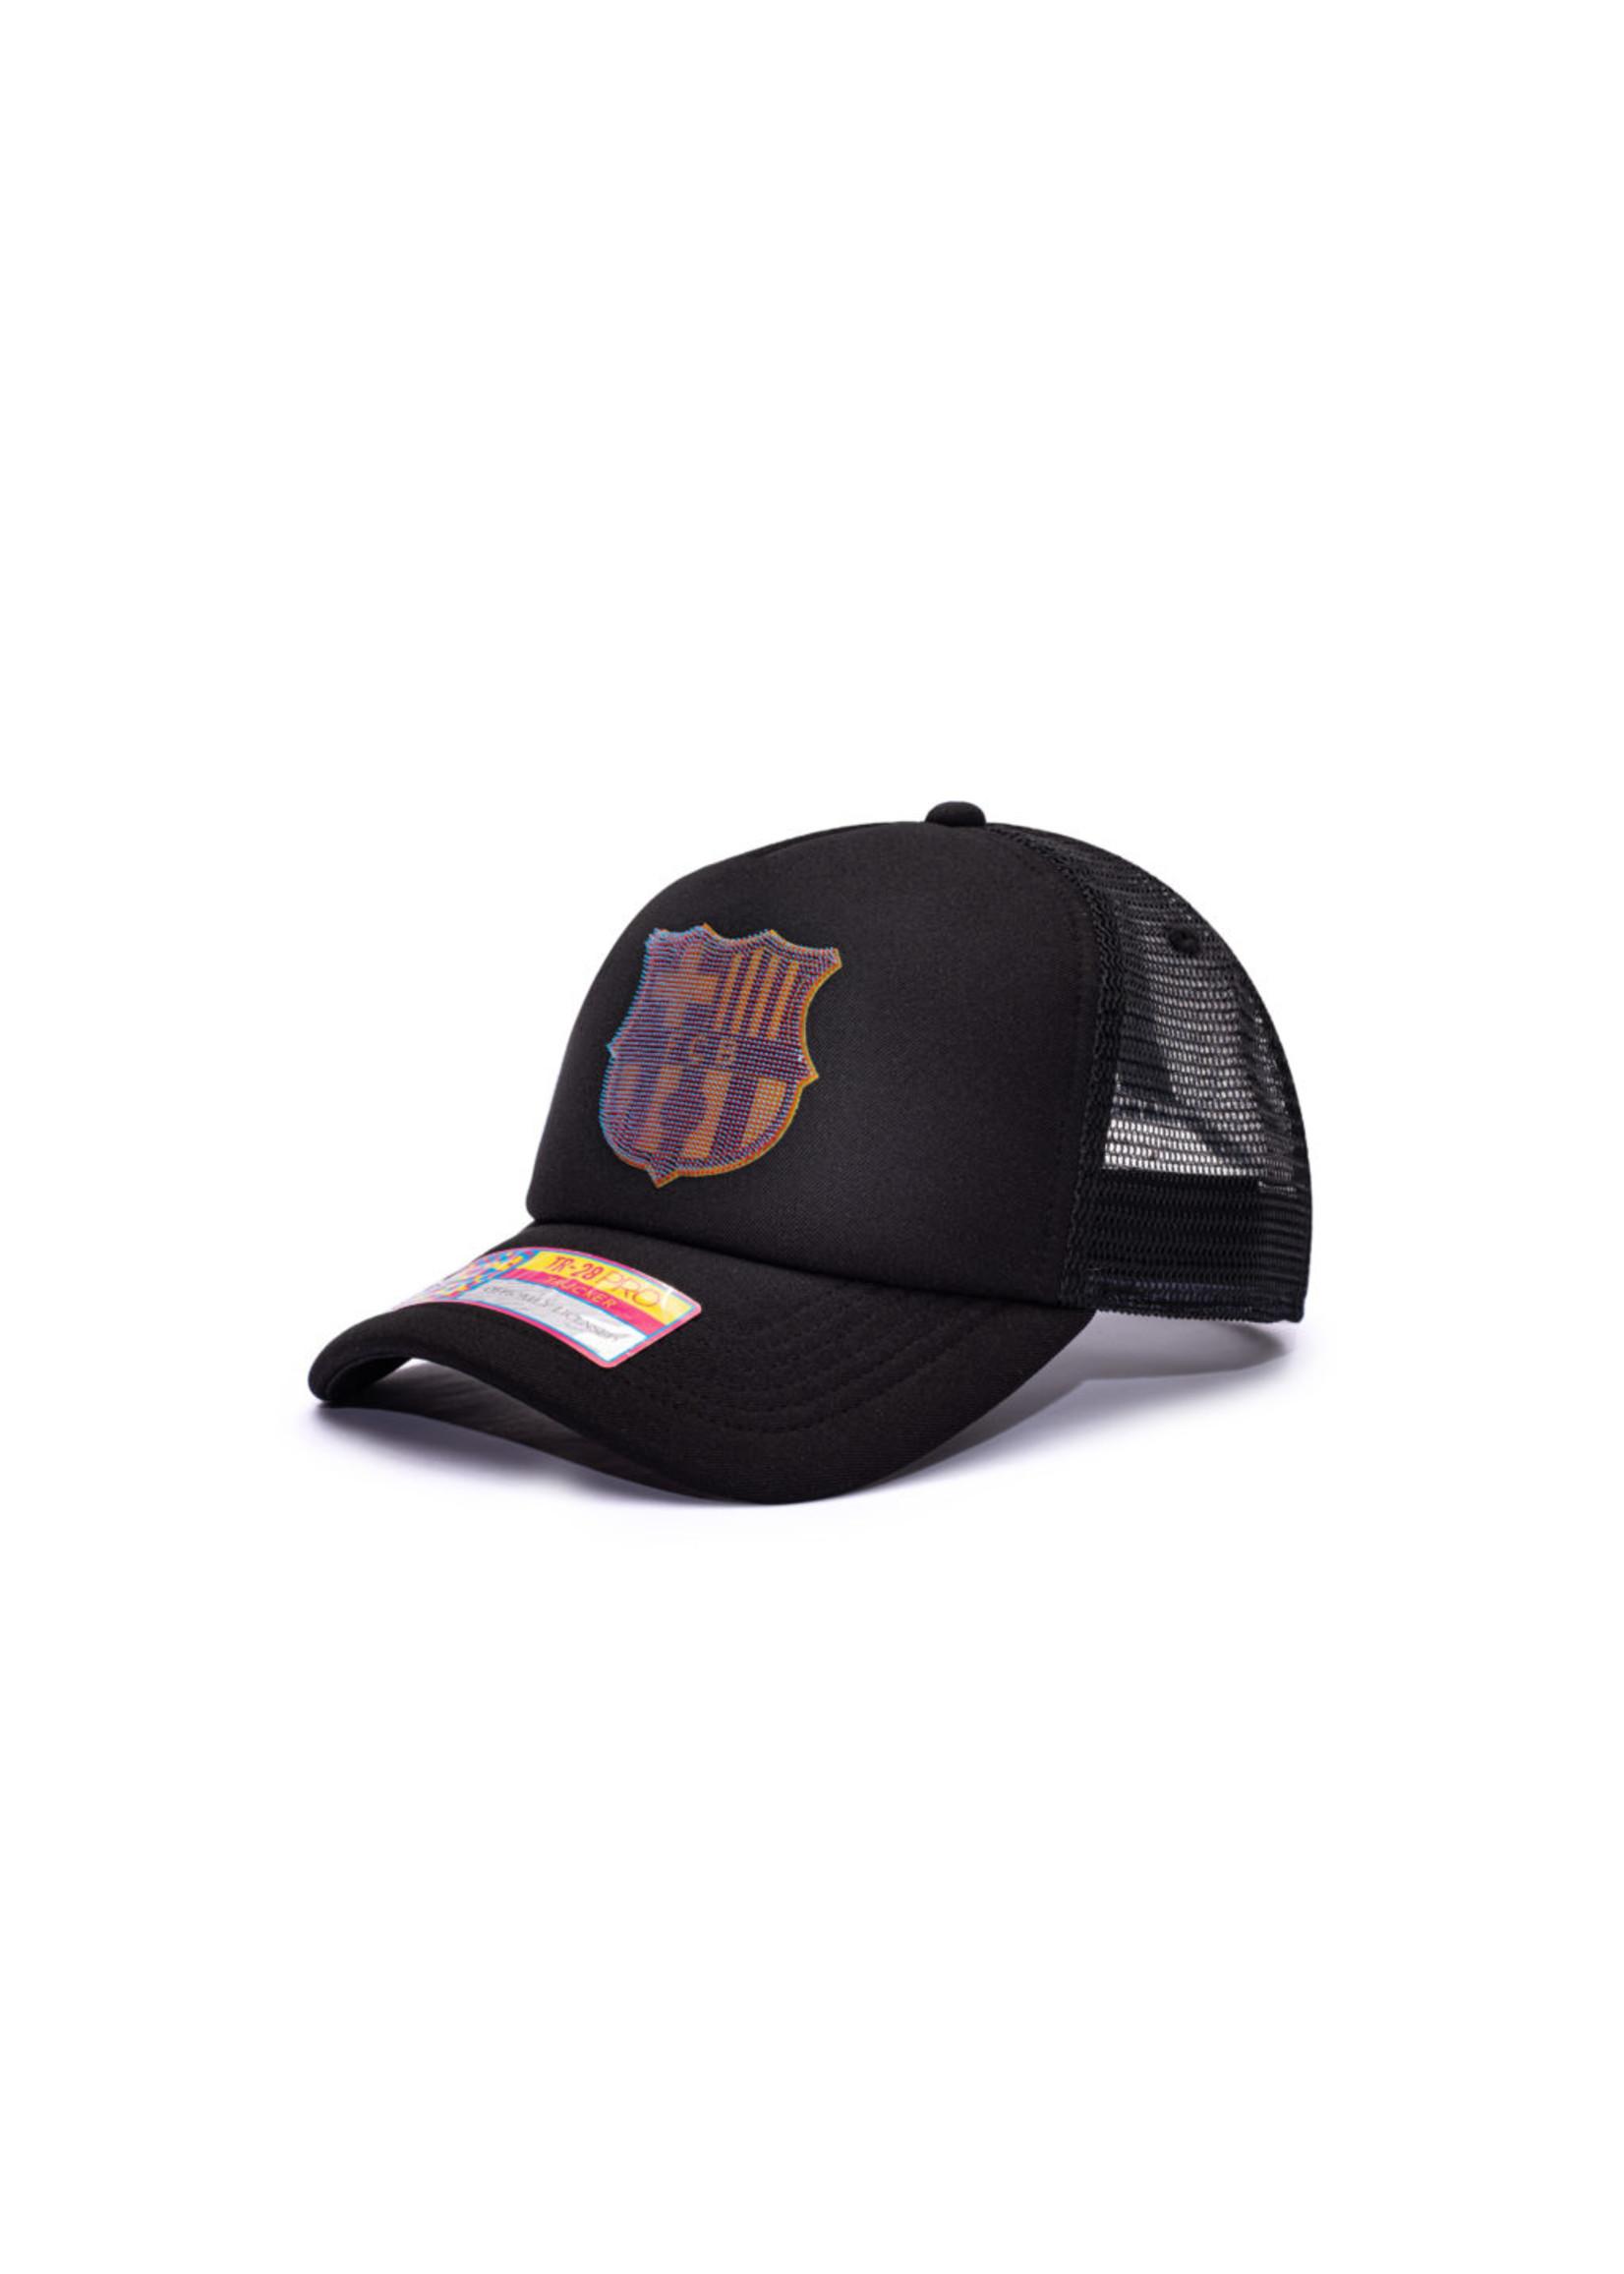 Barcelona Shield Trucker Snapback Hat